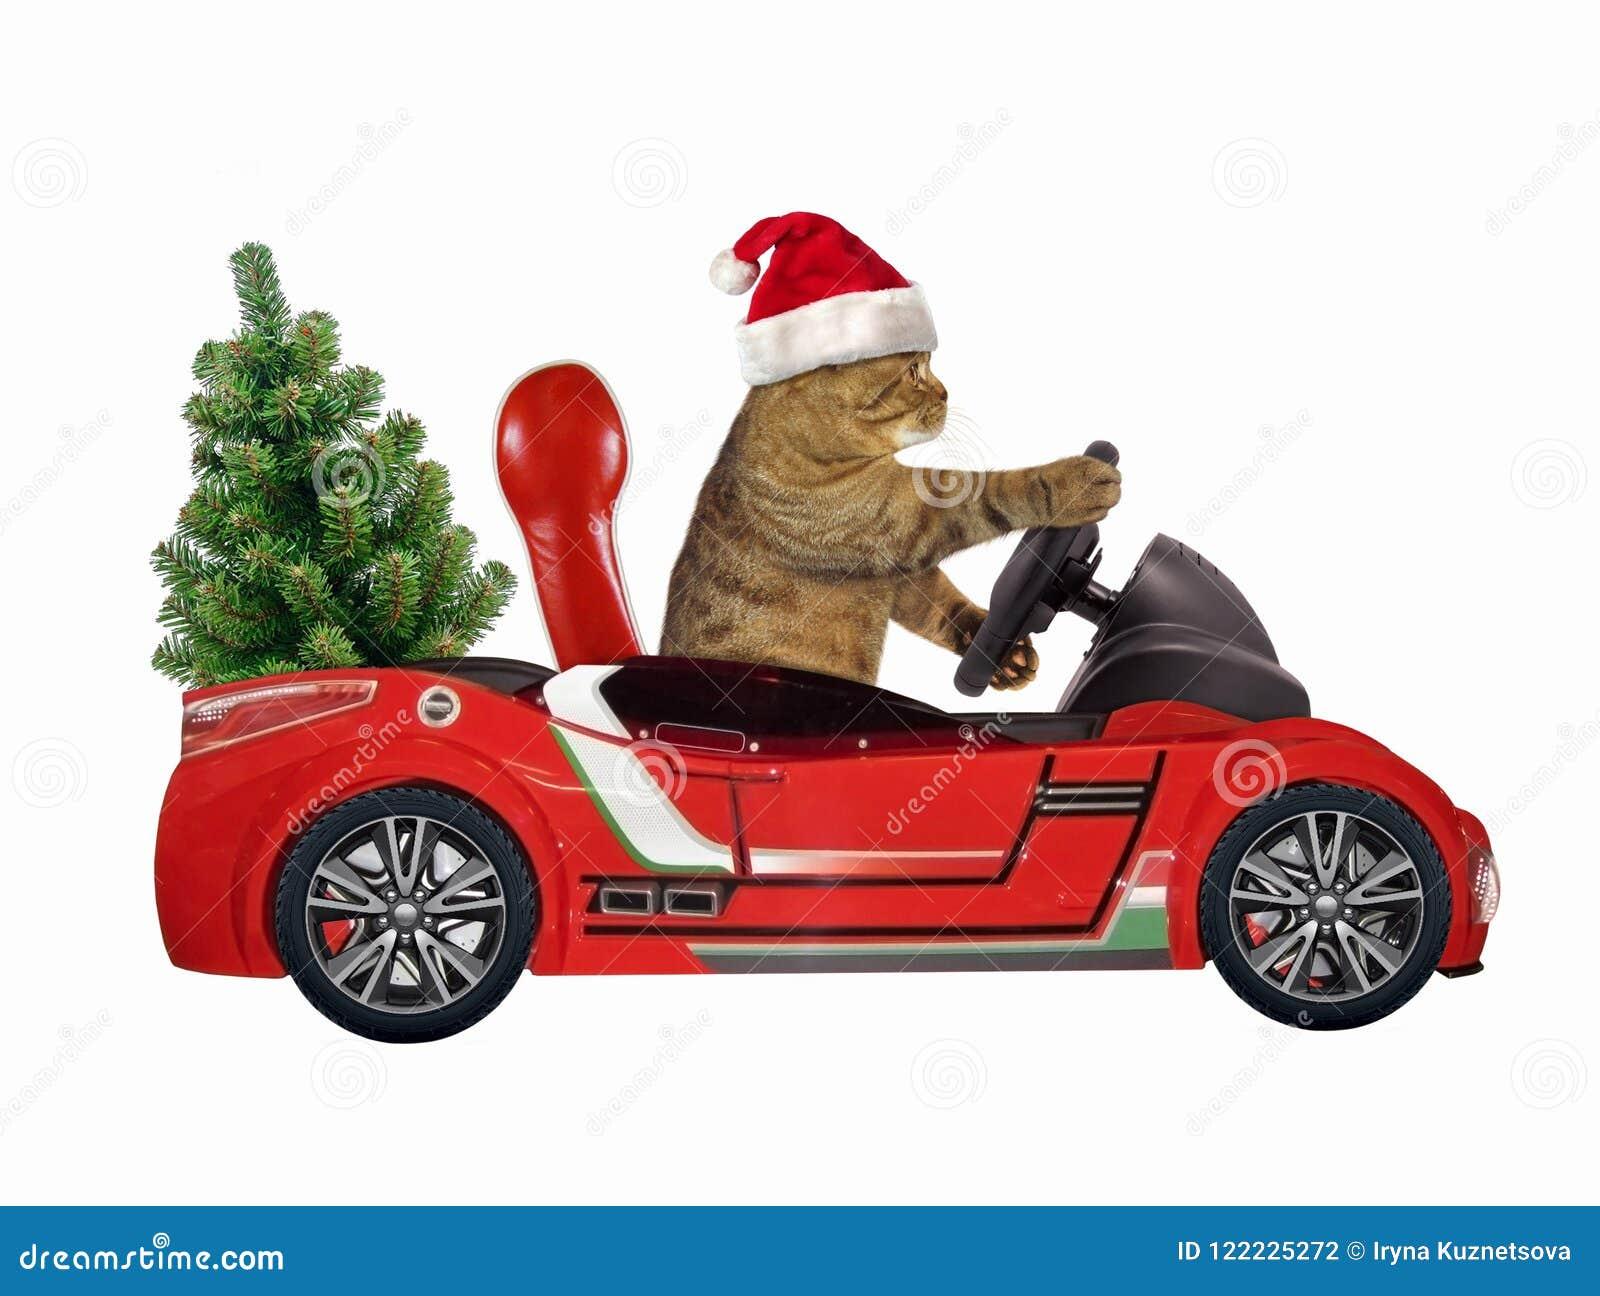 Katze in einem roten Auto 2